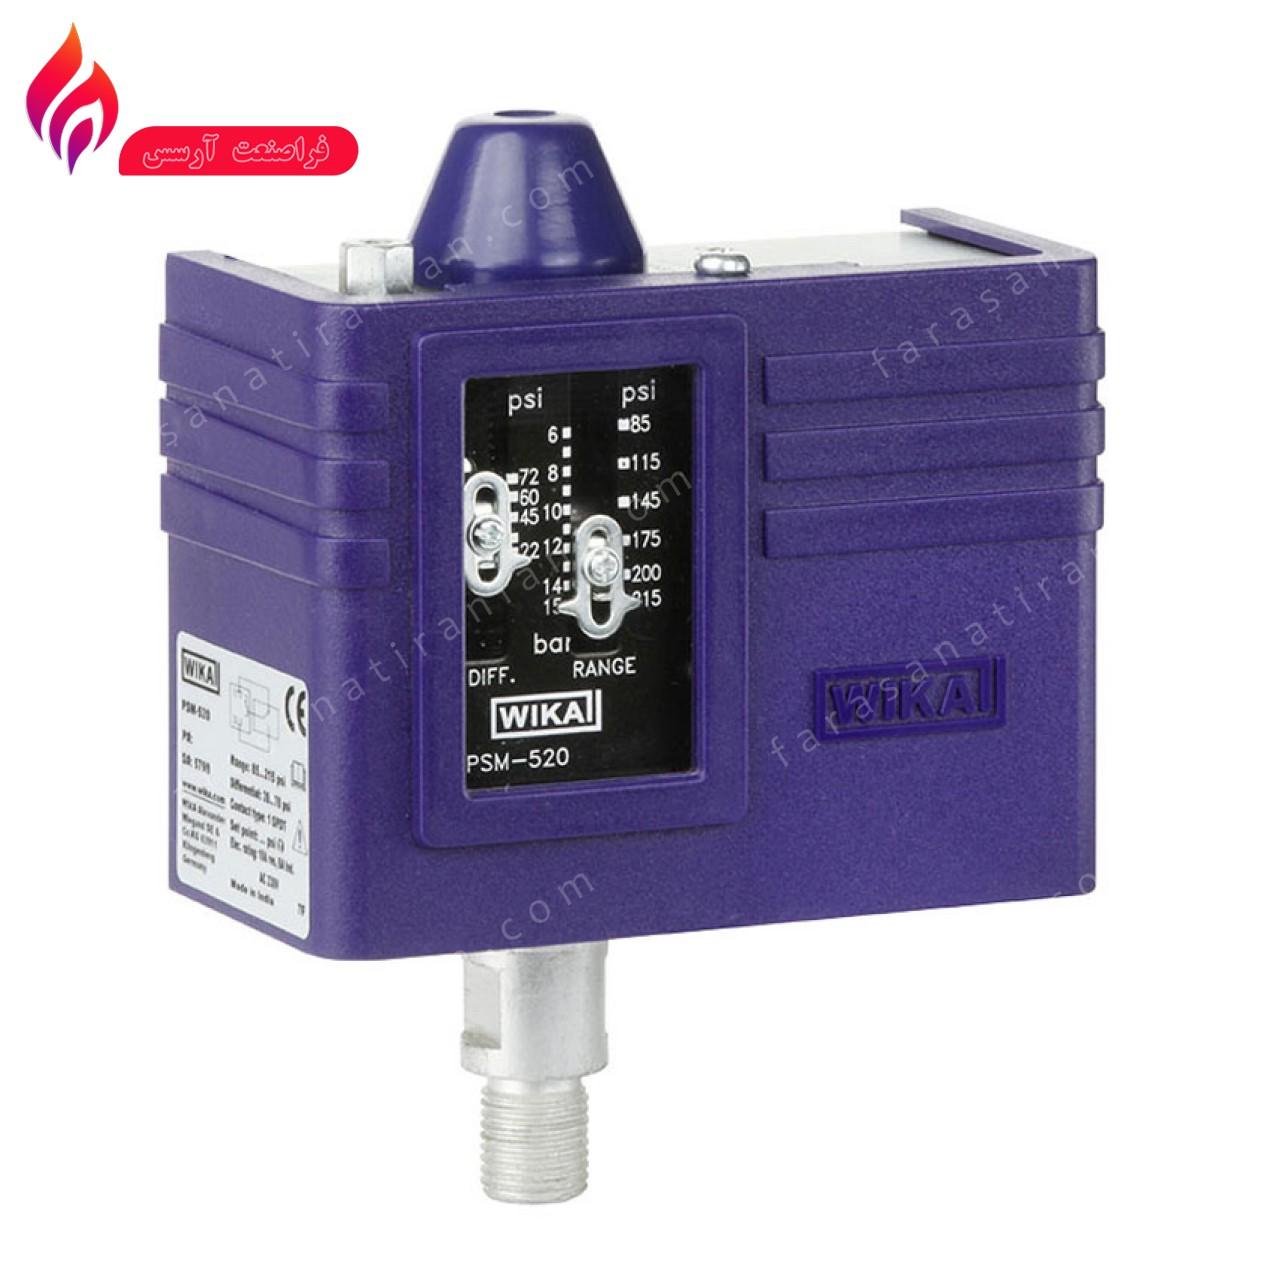 سوئیچ فشار ویکا PSM-520